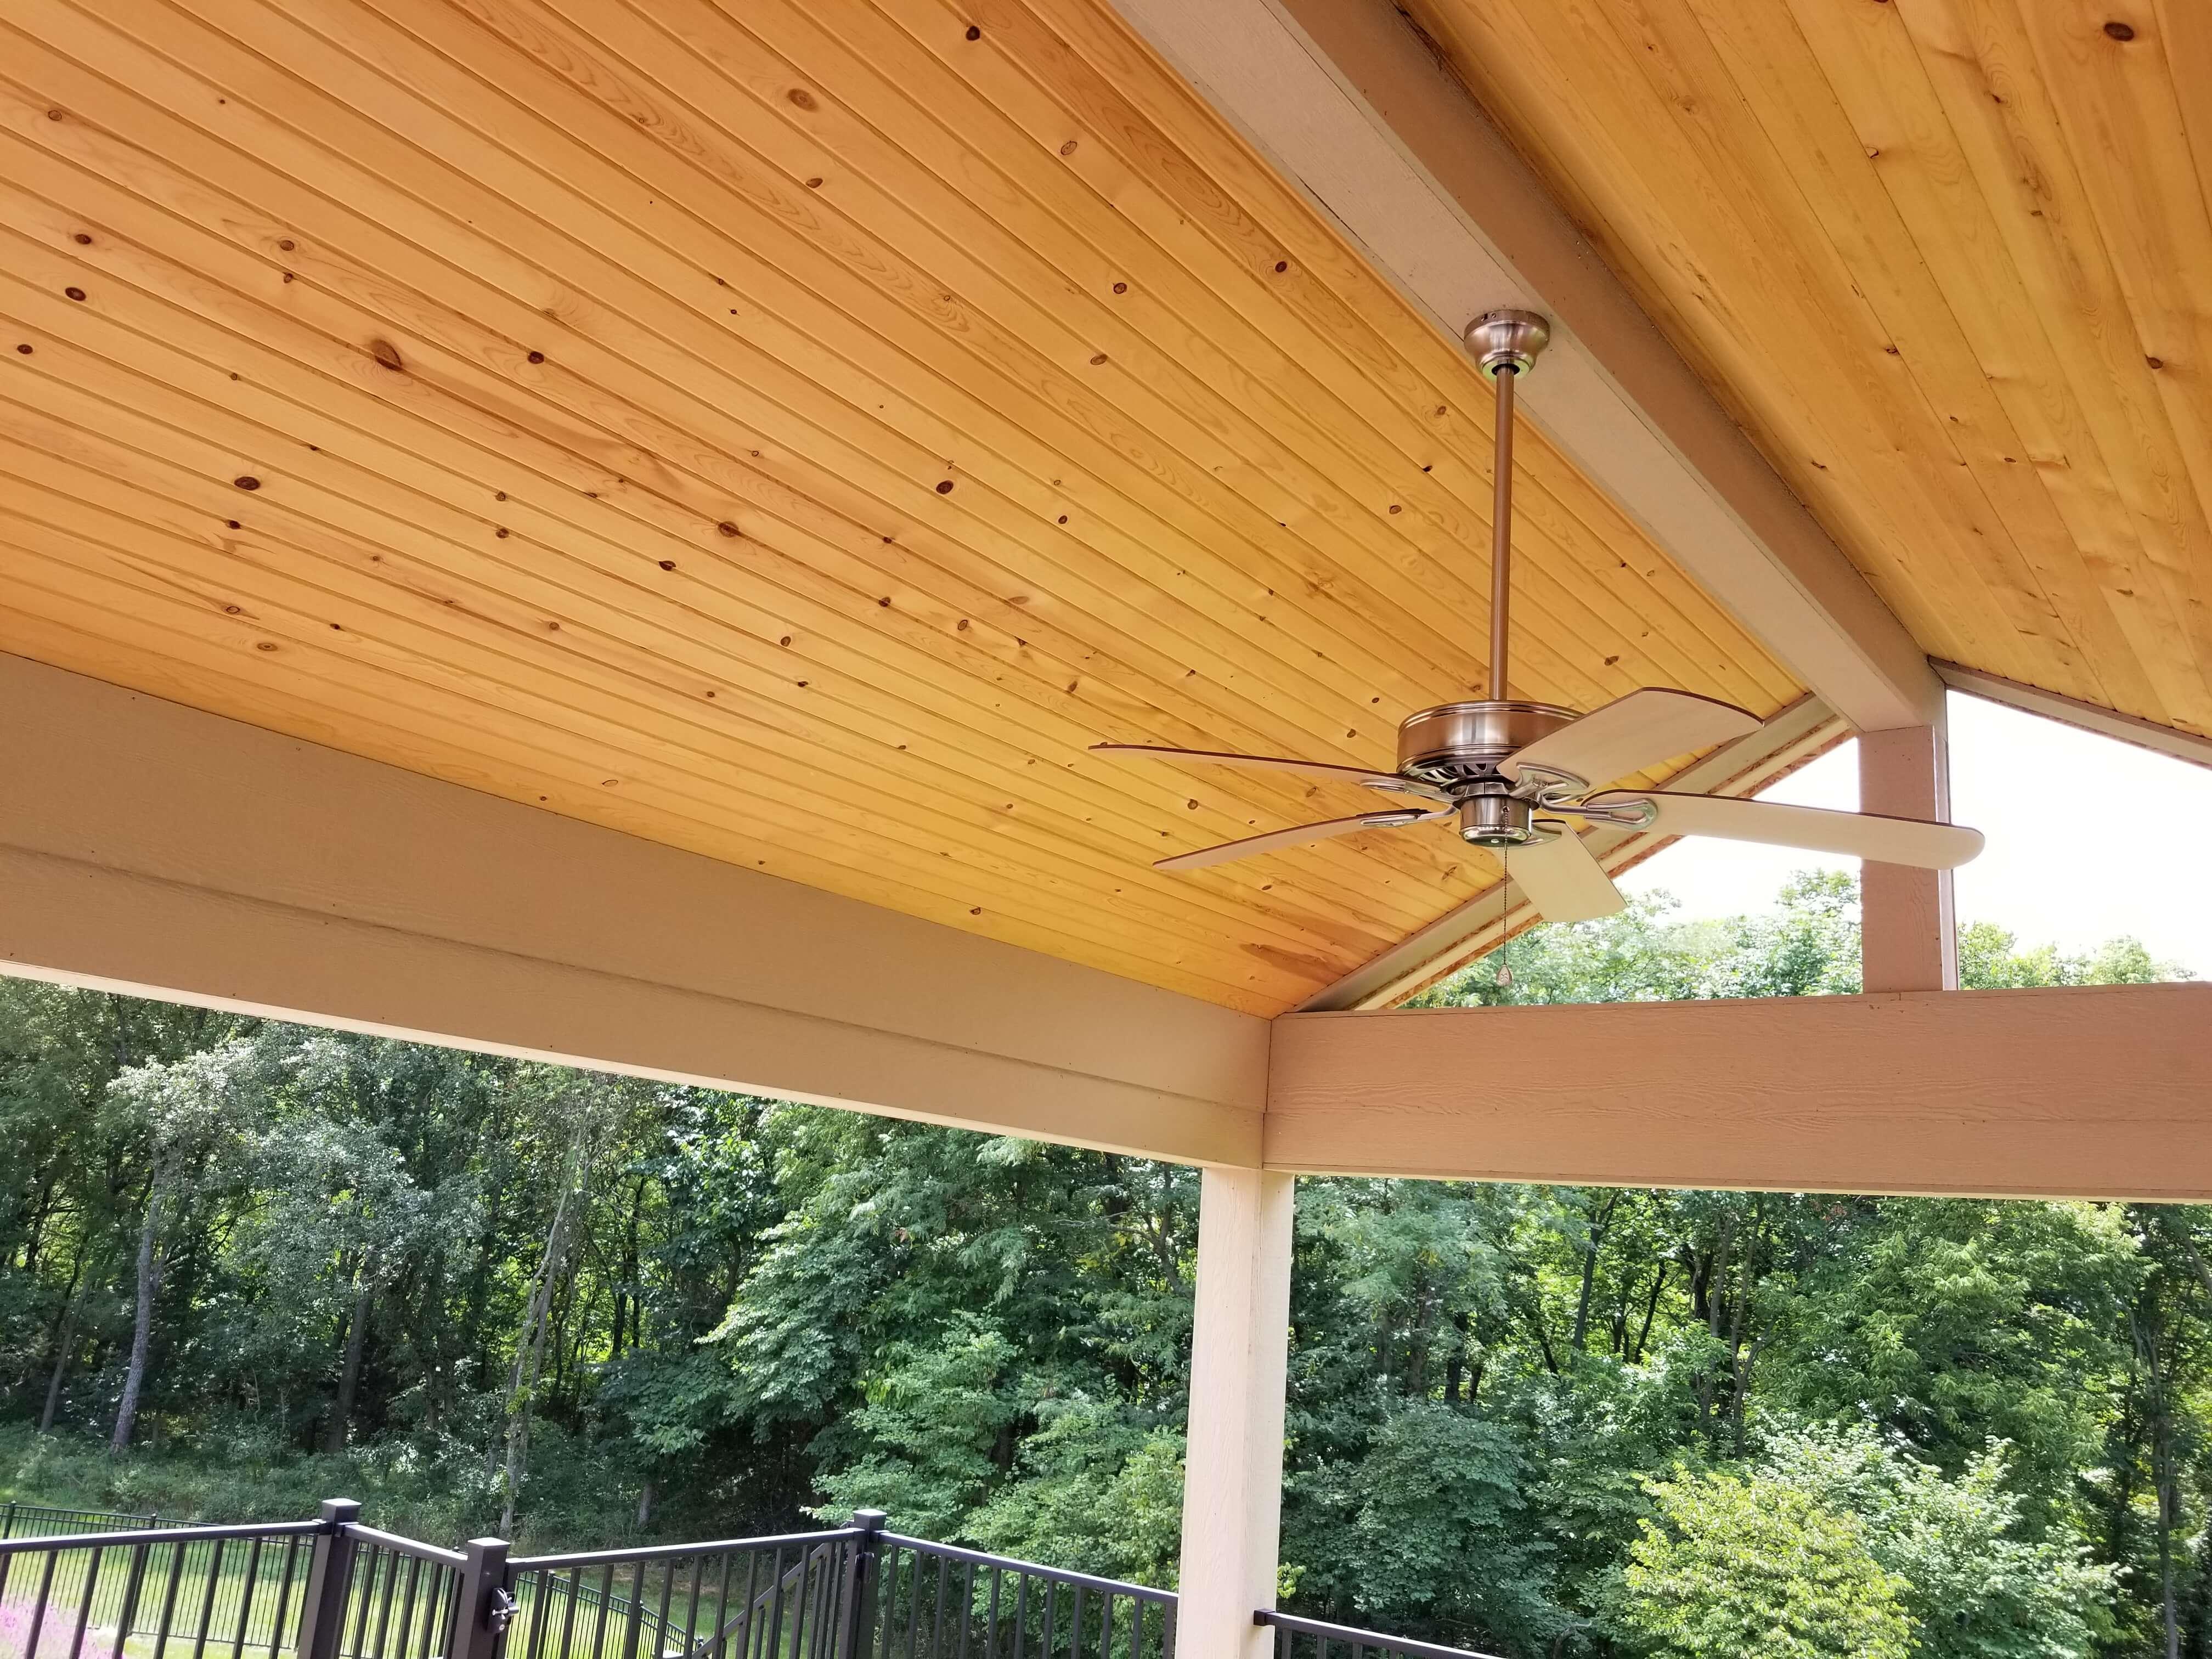 Porch ceiling details